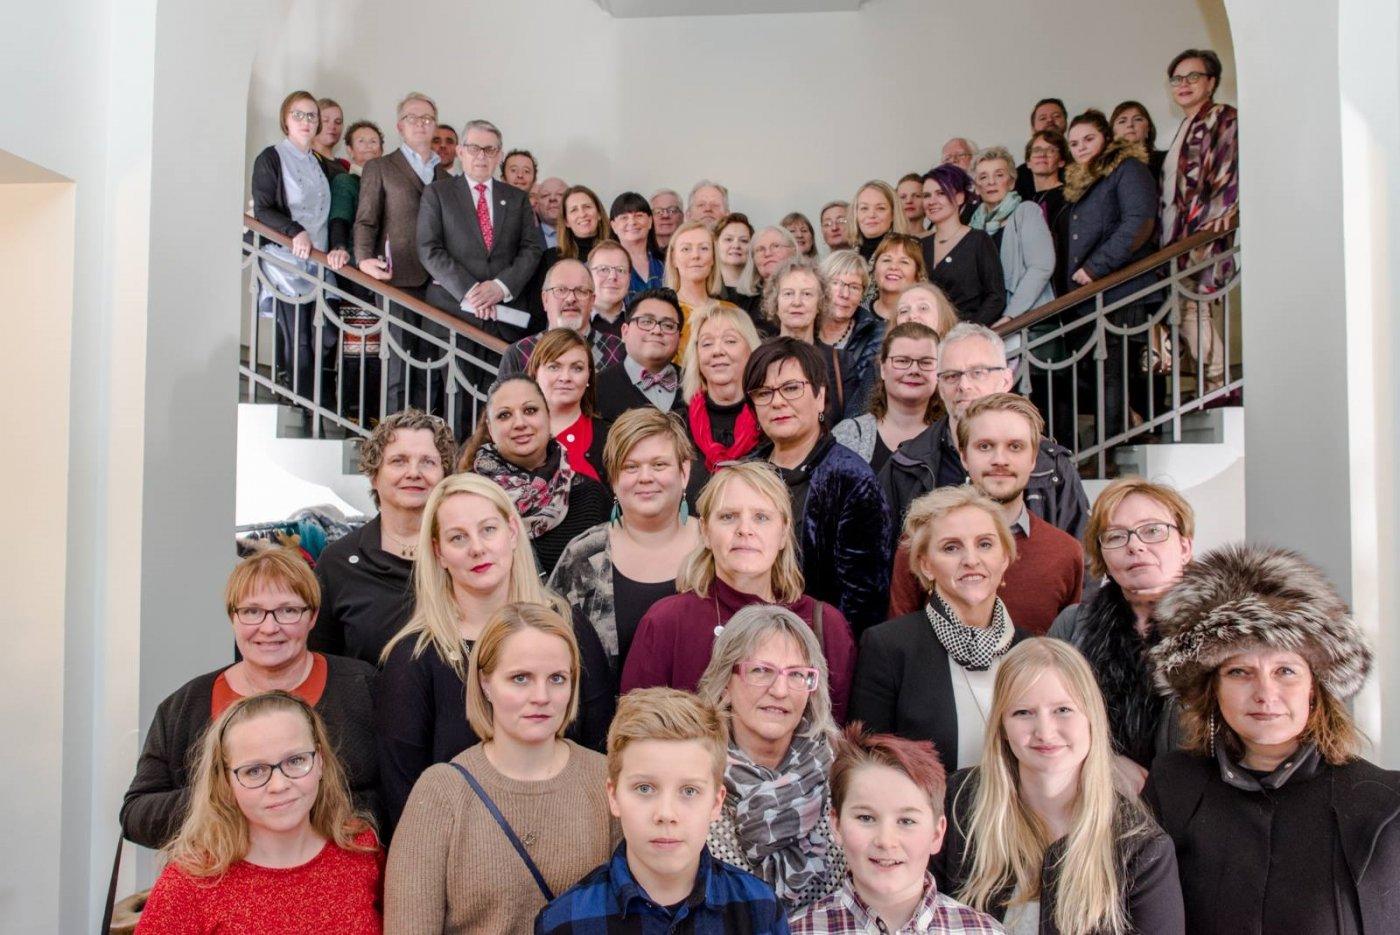 Verkefnin 100 á dagskrá aldarafmælis fullveldis Íslands voru kynnt í Safnahúsinu við Hverfisgötu á dögunum og þangað mættu fulltrúar verkefnanna.